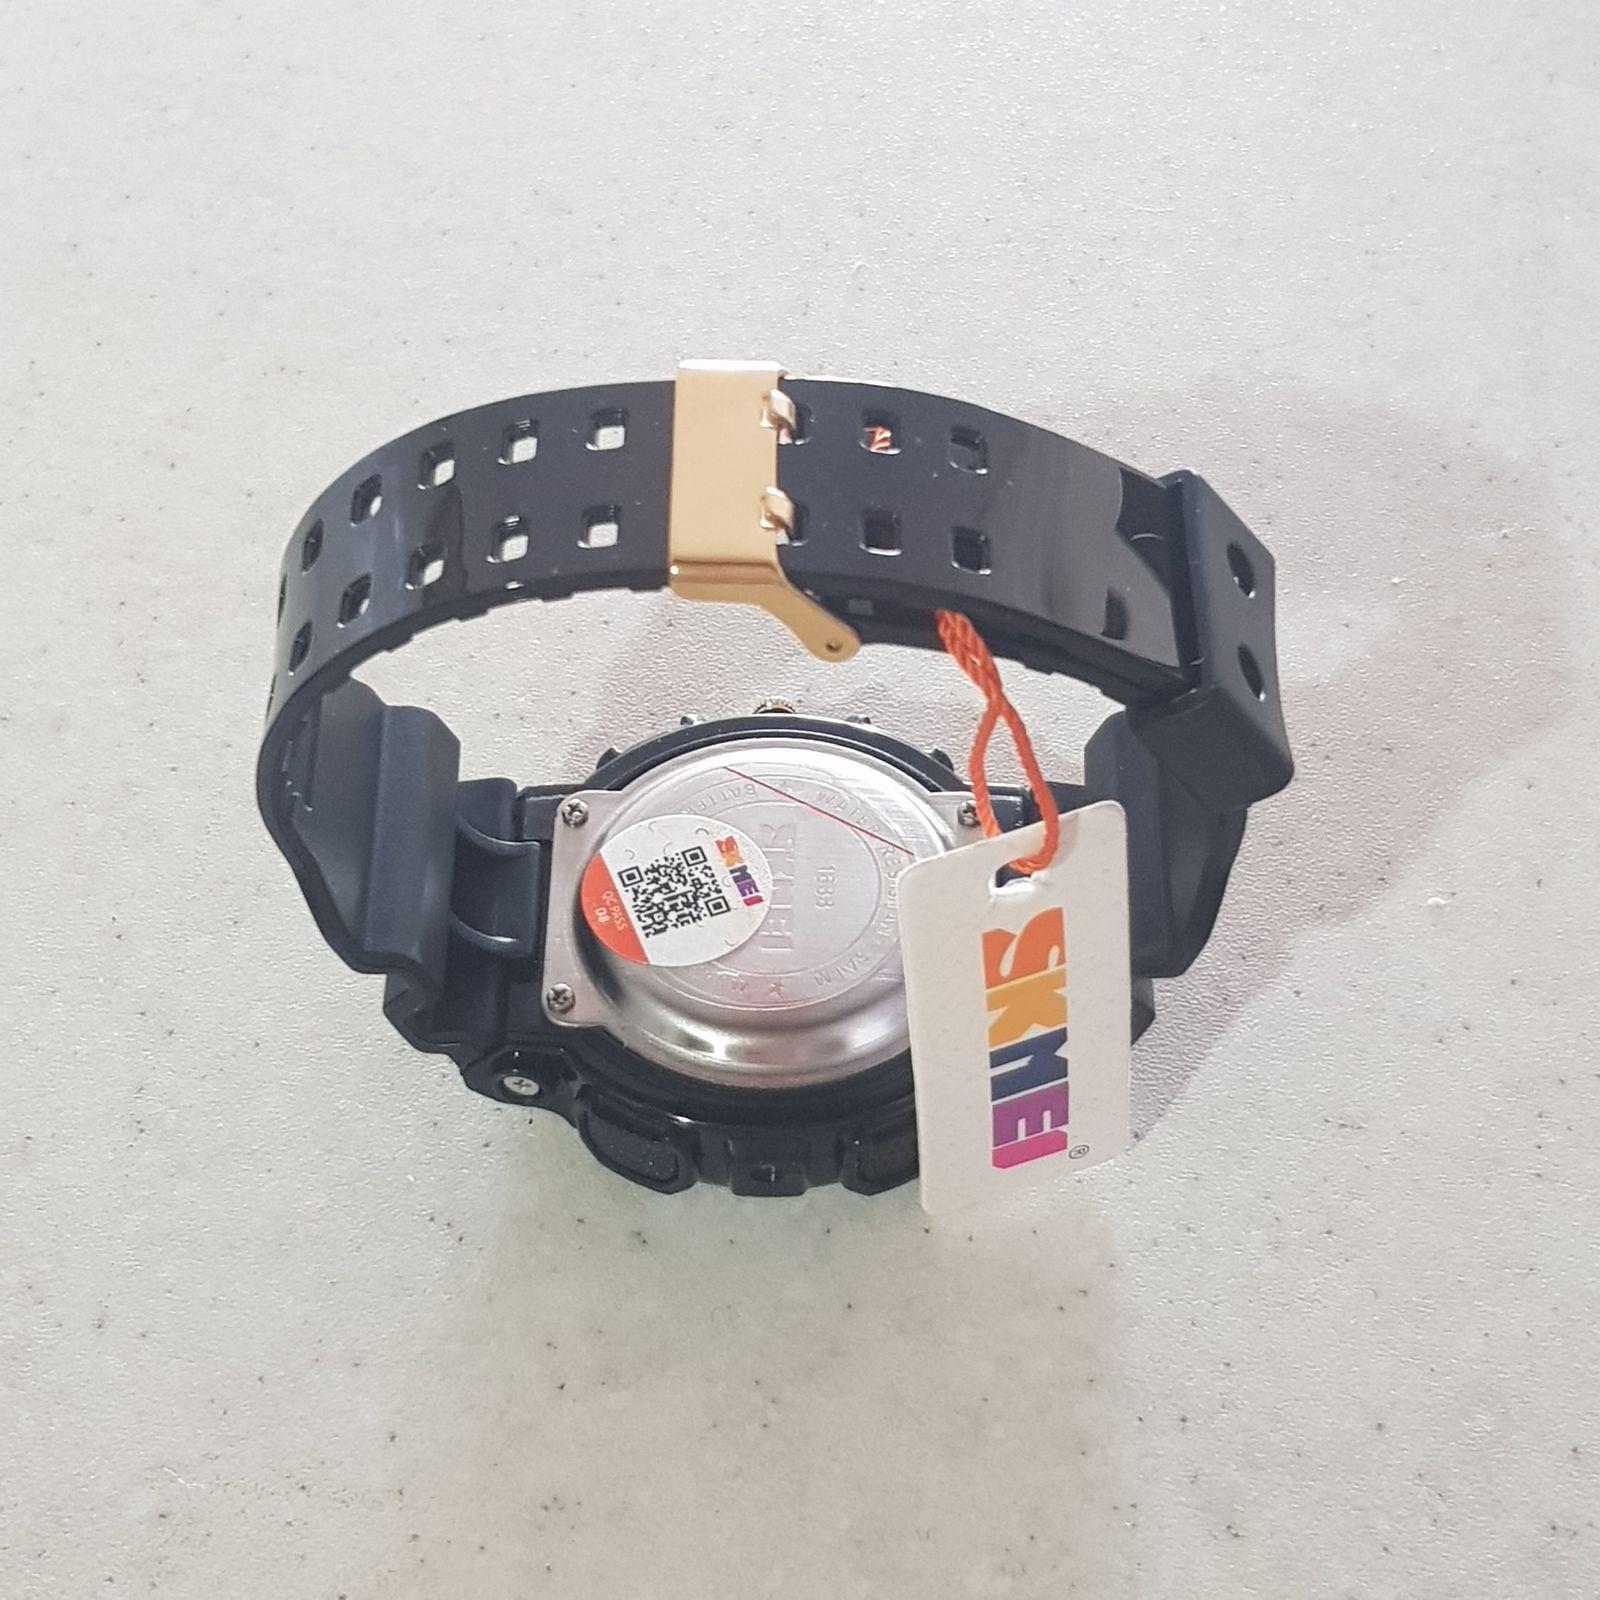 ساعت مچی دیجیتال اسکمی مدل 88-16 کد 01 -  - 17